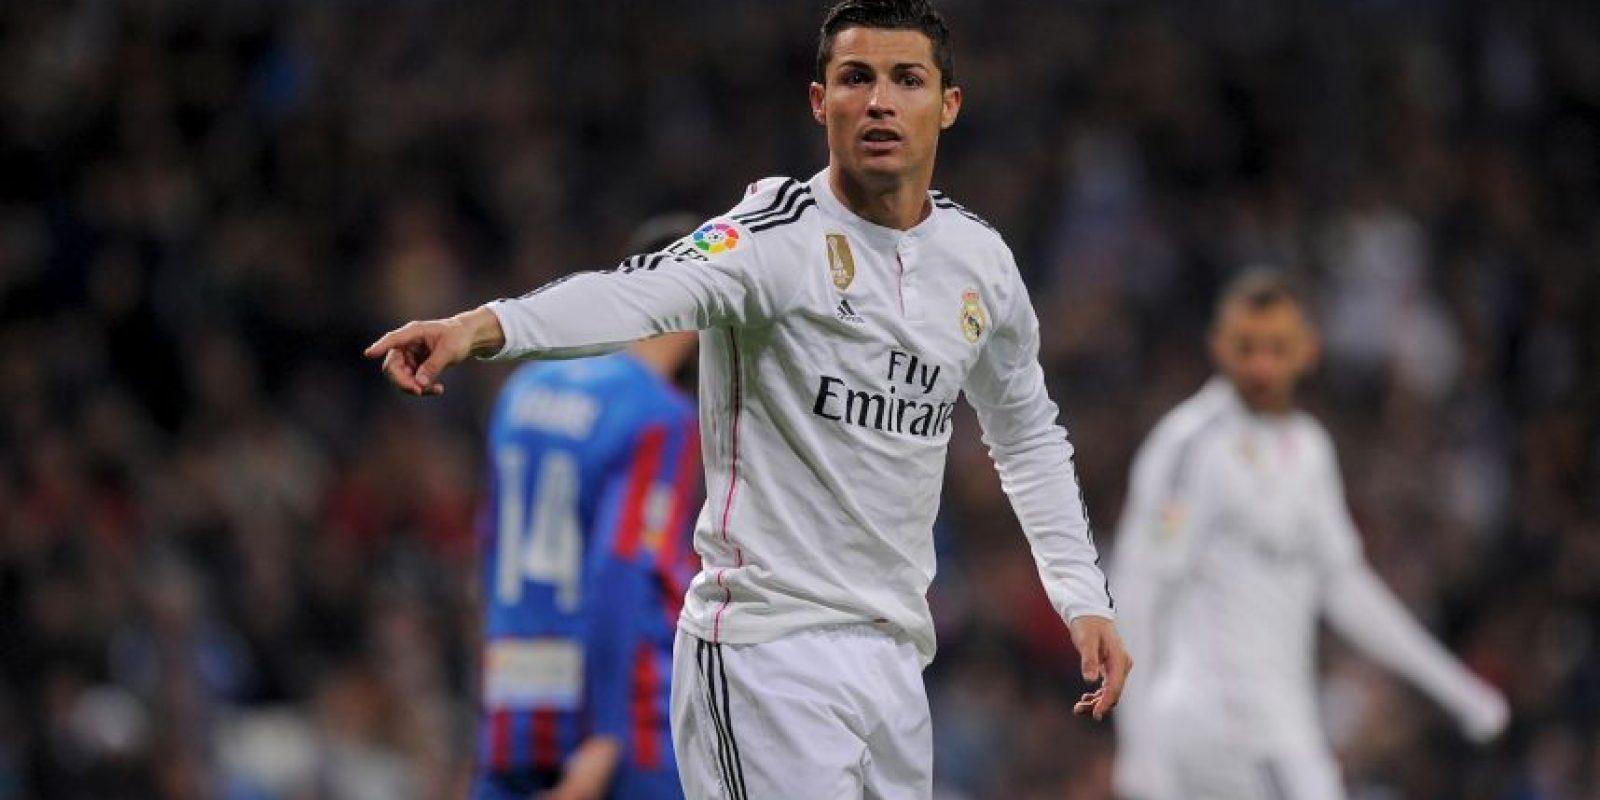 Así sufre CR7 en los partidos cuando no le salen las cosas como él desea Foto:Getty Images